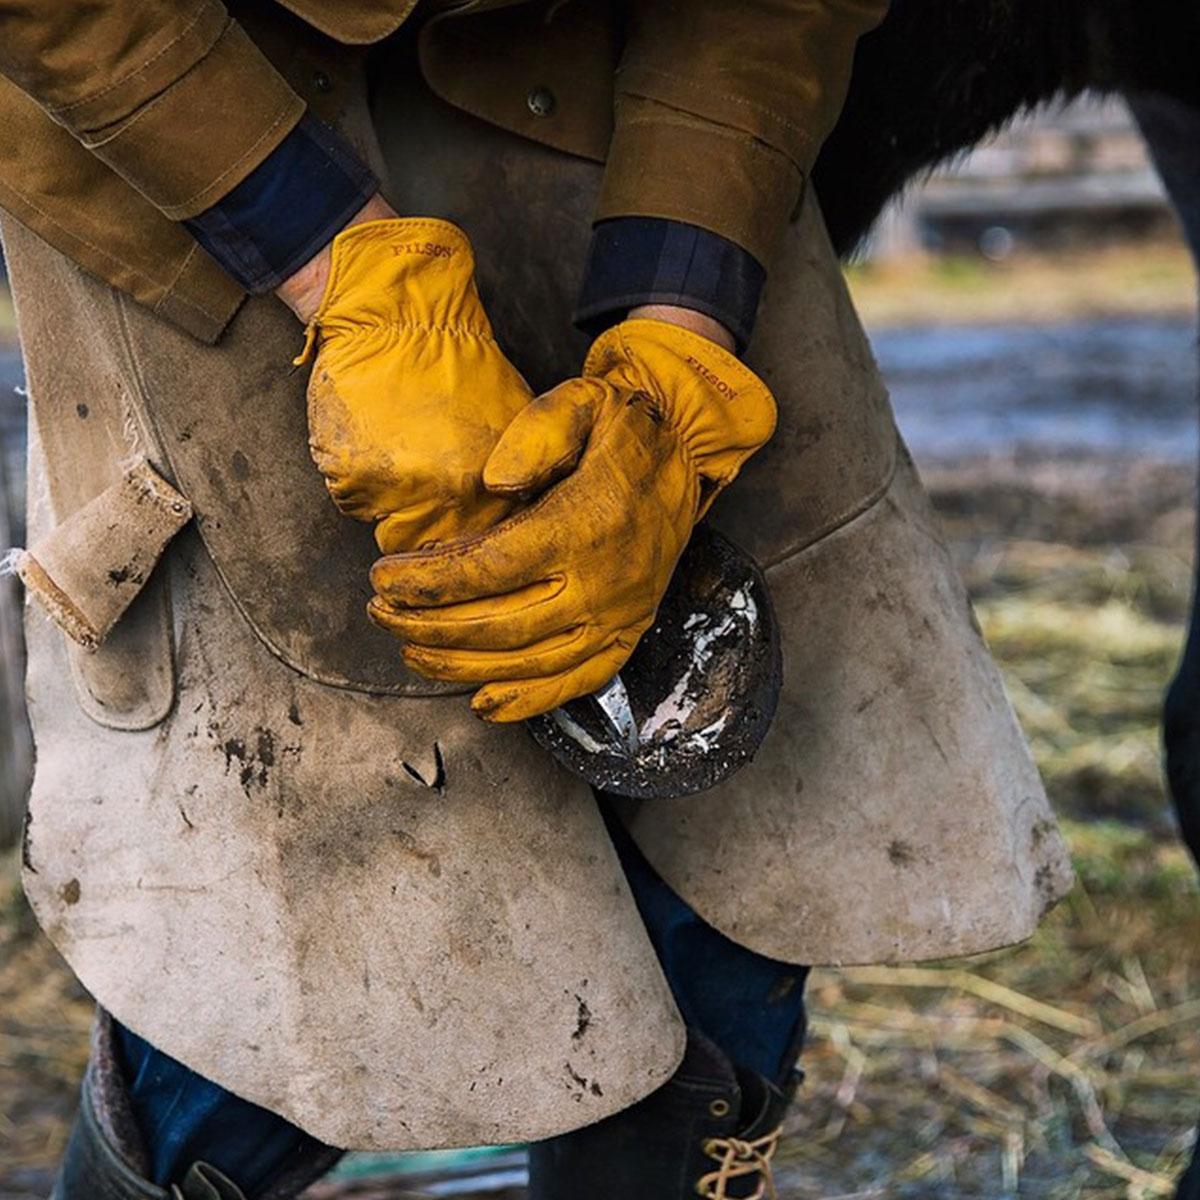 Filson Original Goatskin Gloves 11062021-Tan, gemaakt van geitenleer voor een uitstekende sterkte en duurzaamheid